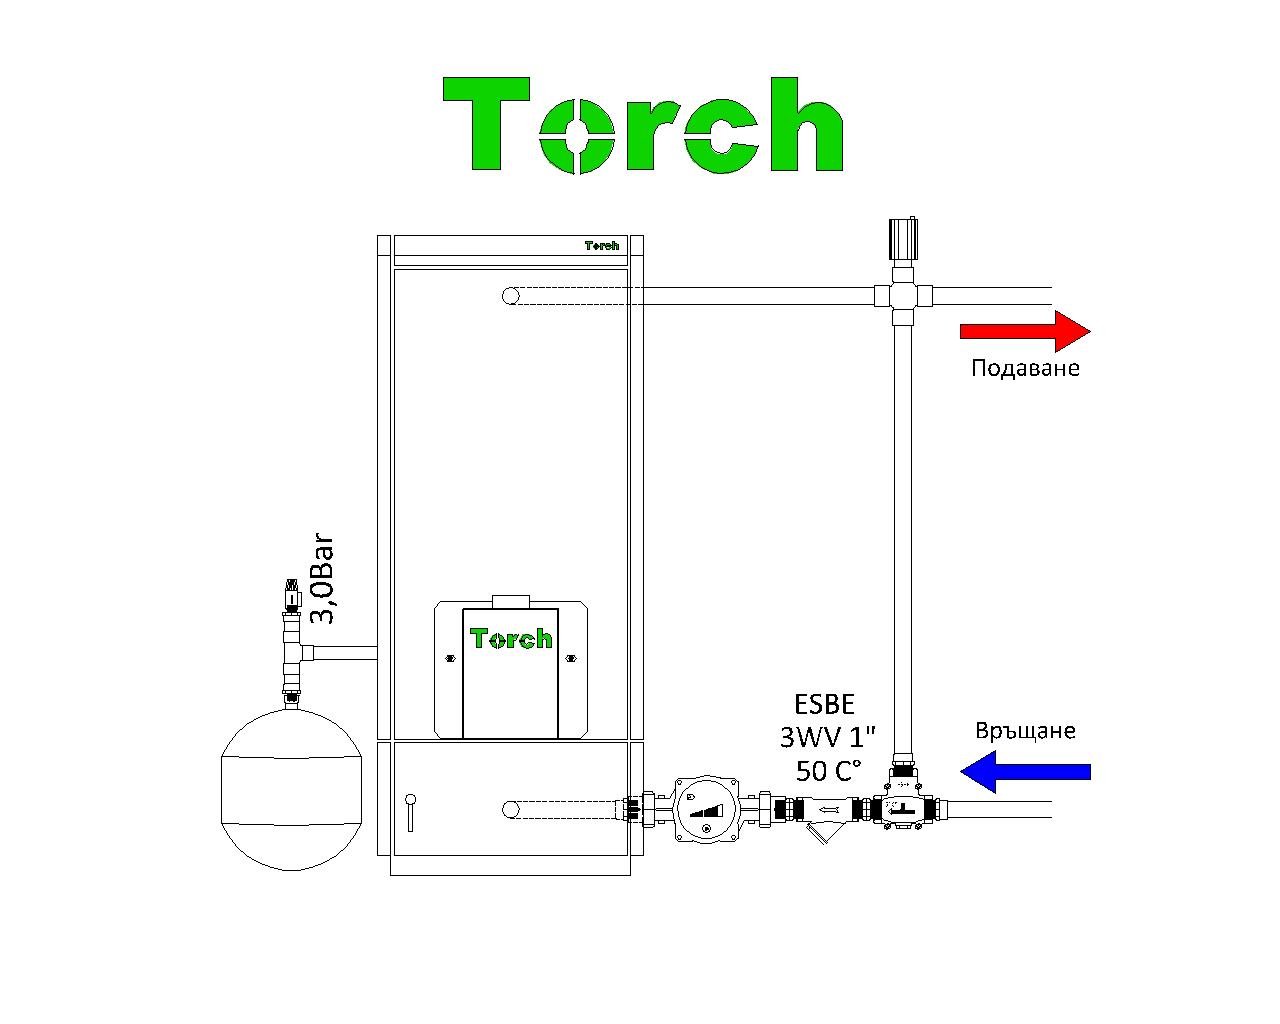 Схема на свързване на пелетен котел Torch II - тип 4